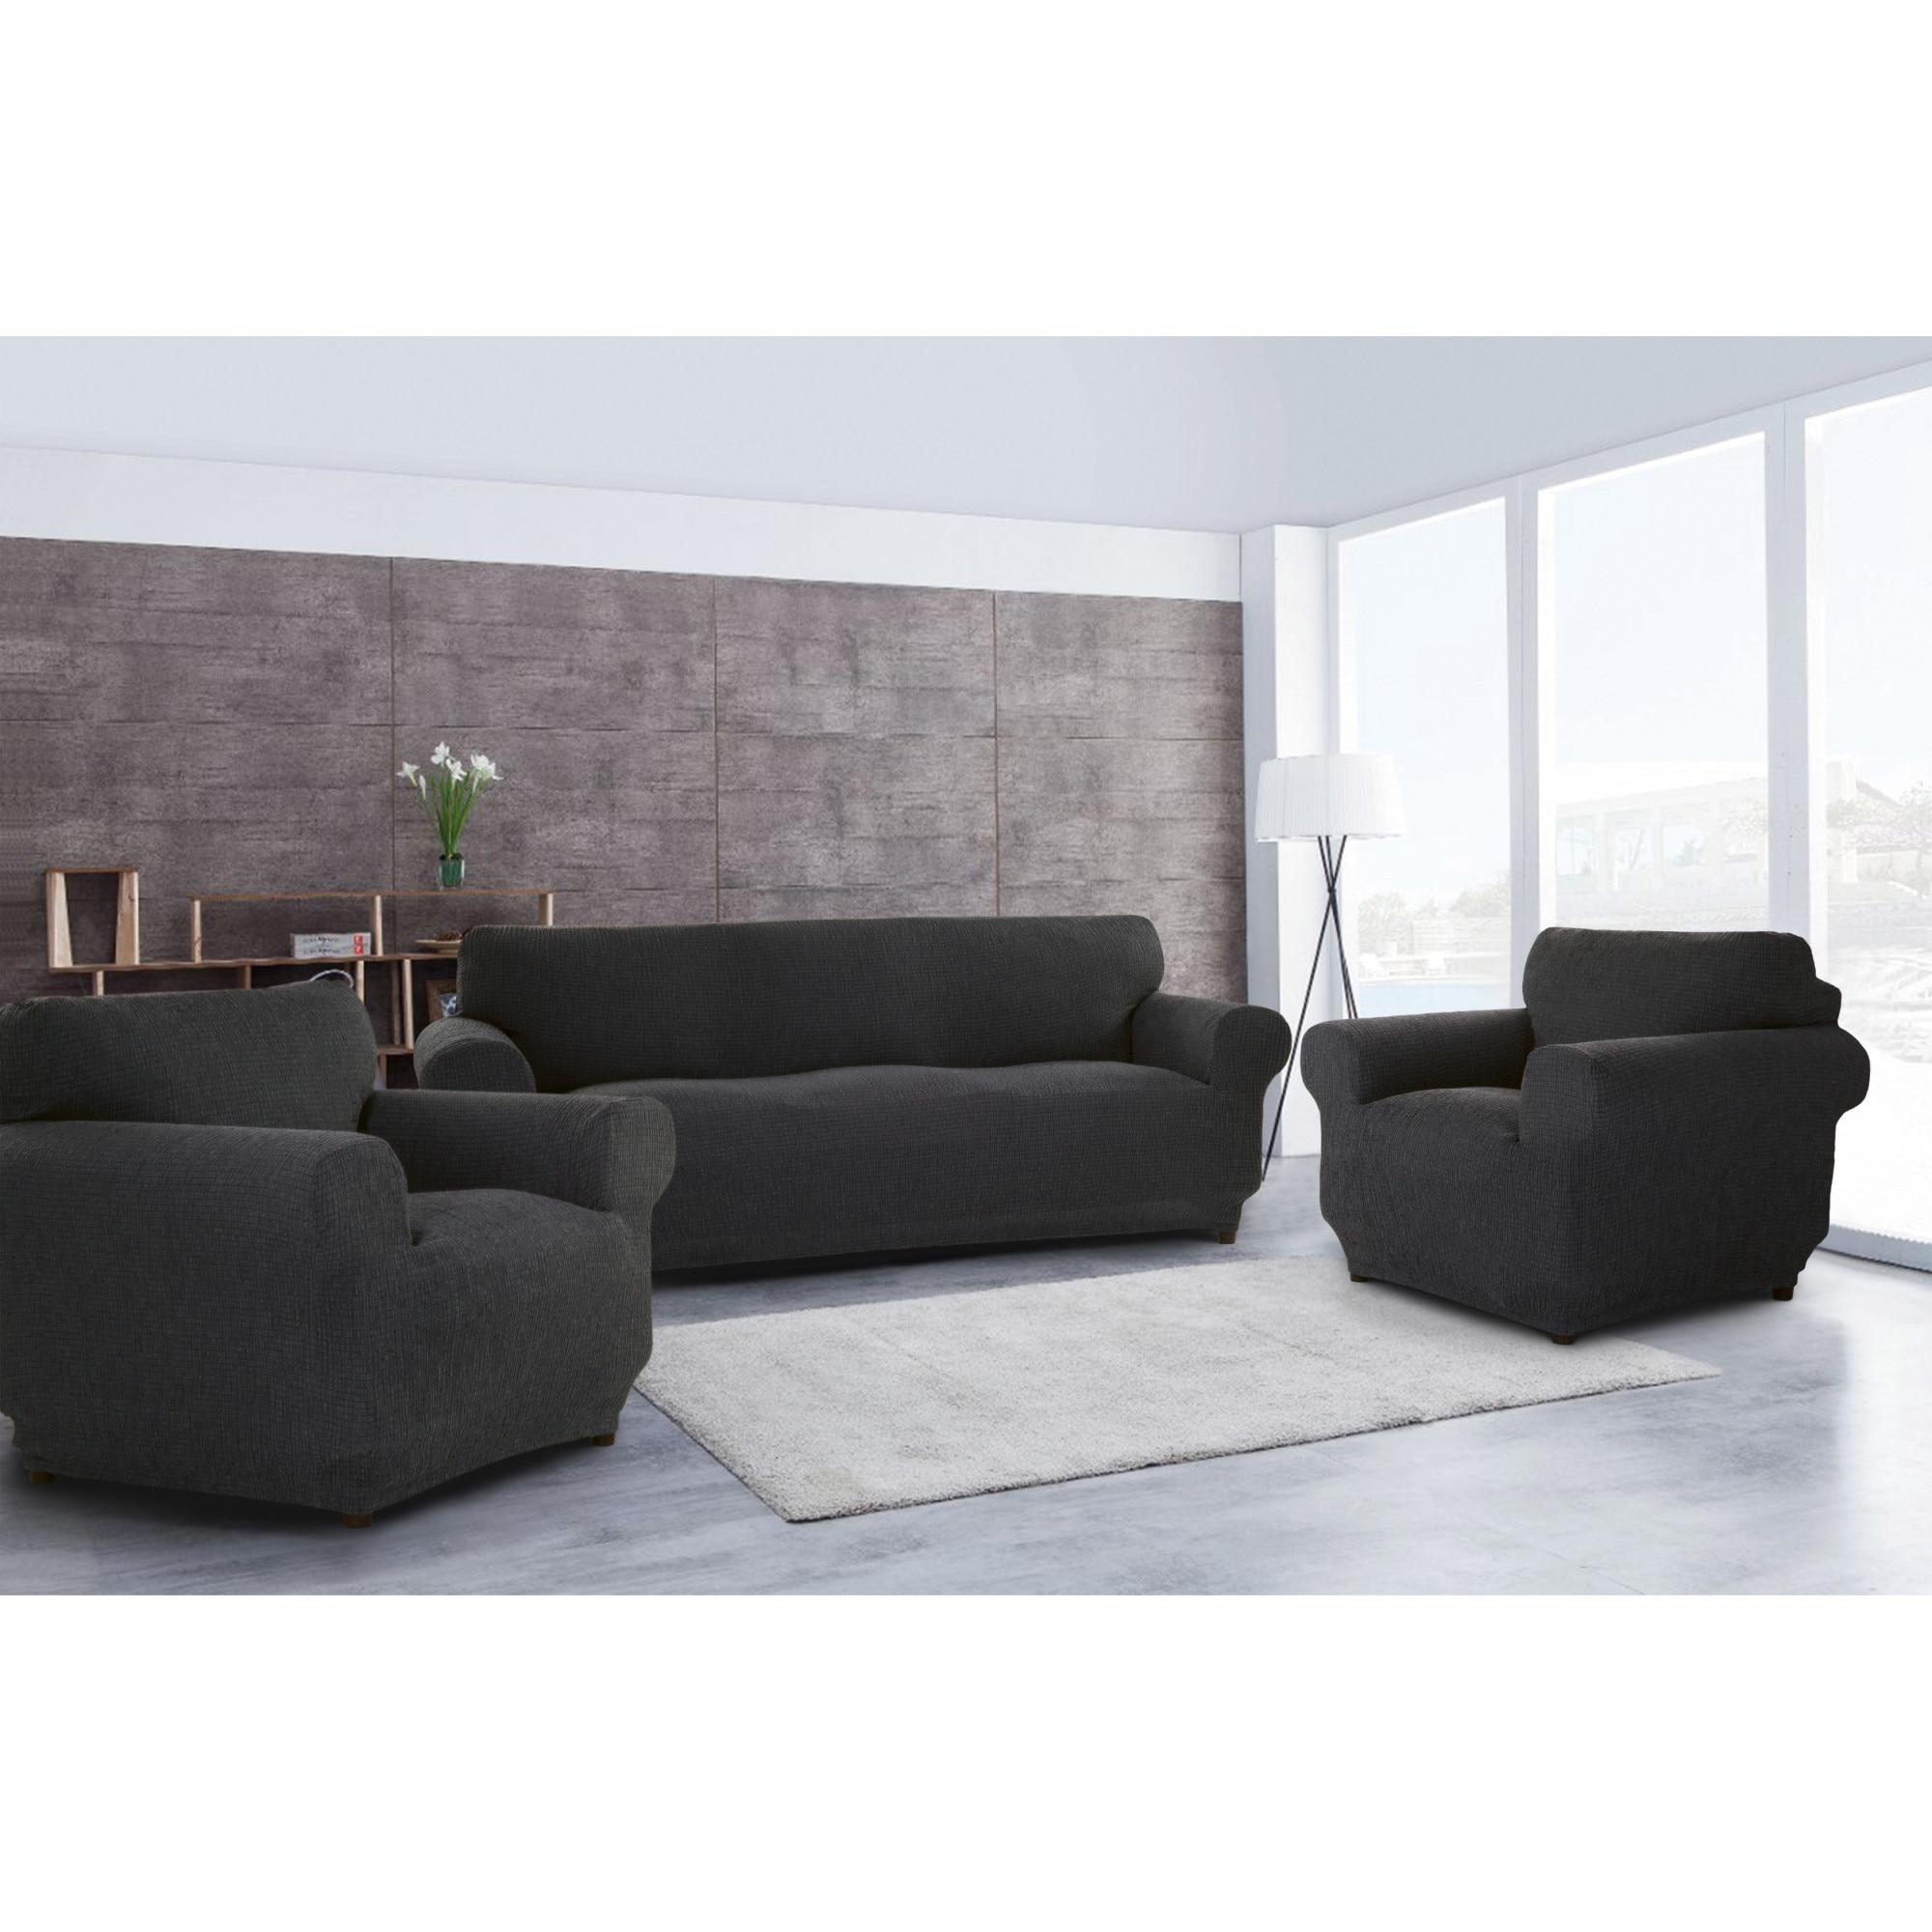 Fotografie Set huse elastice pentru canapea 3 locuri si 2 fotolii Kring Brilliante, 60% bumbac+ 35% poliester + 5% elastan, Gri